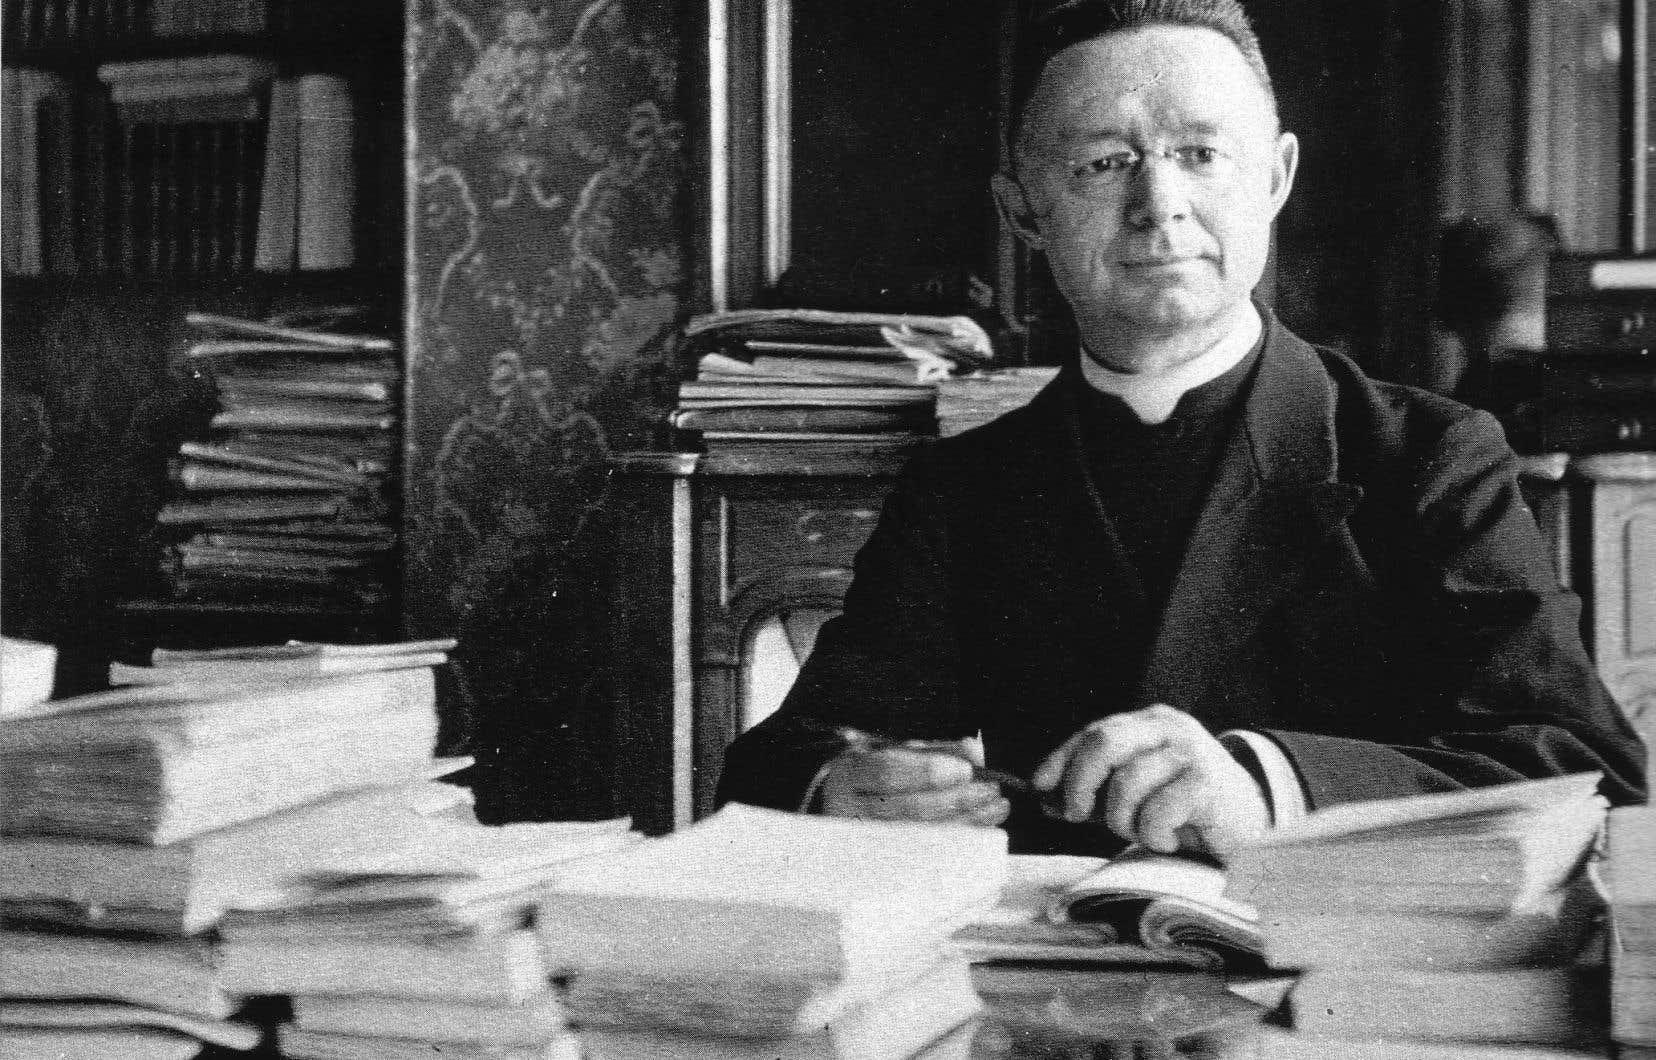 En 1937,l'abbé Groulx pouvait, devait écrire: «Quand on ne peut tout sauver, on sauve ce que l'on peut. Et rien ne servirait de périr tous ensemble sous prétexte de s'entraider.»